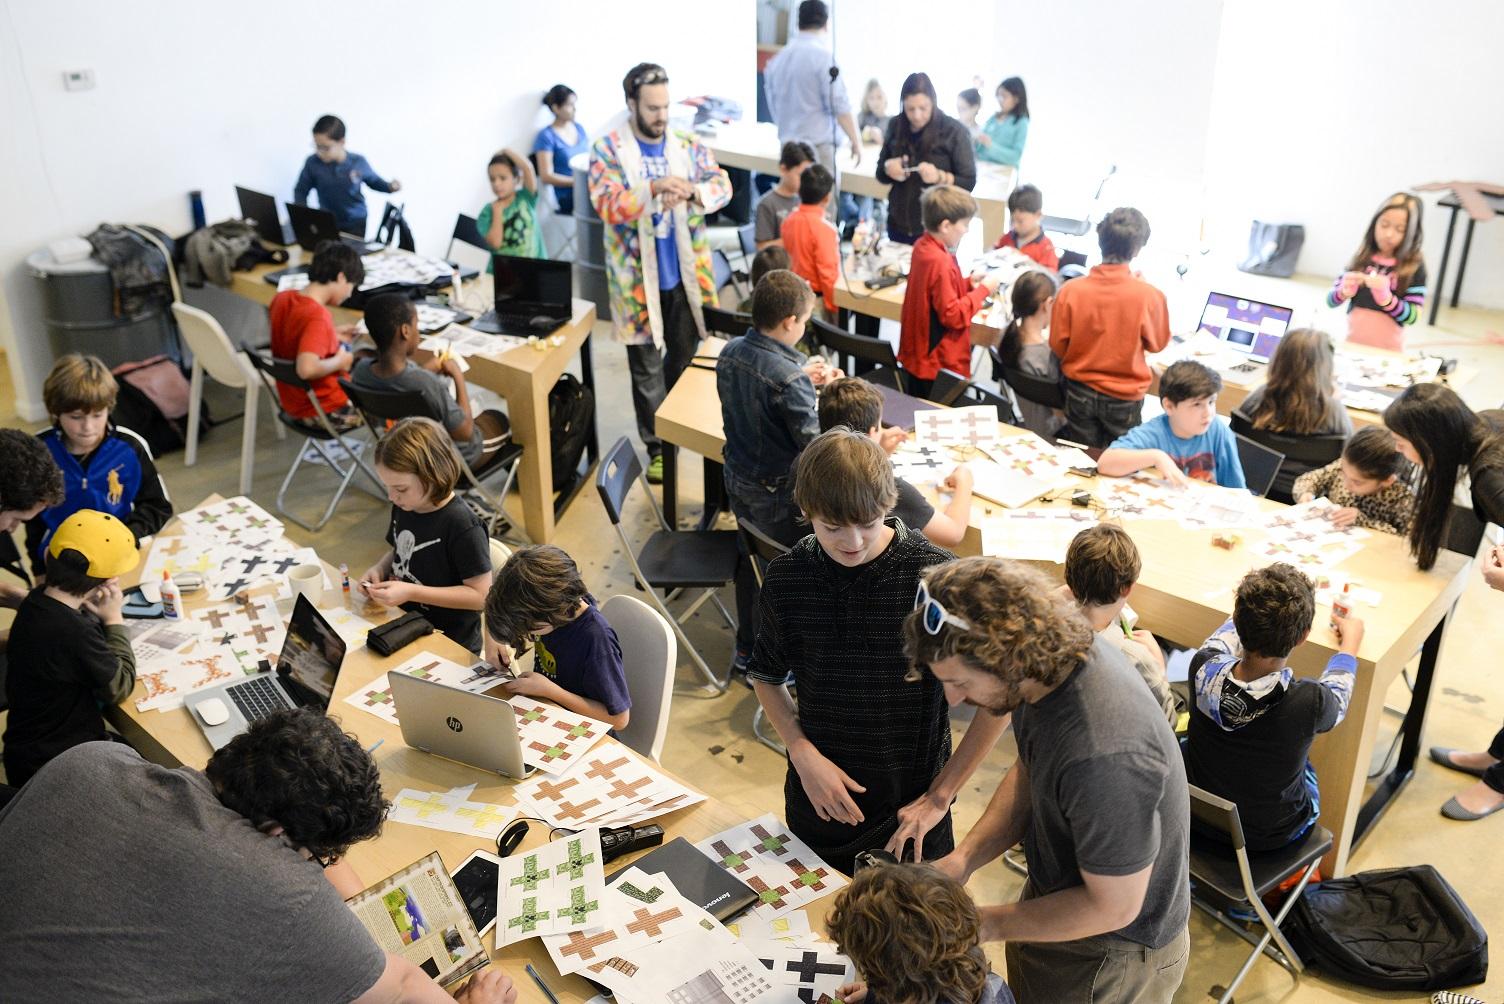 Miami Make Week offers unique access to Miami's 'maker culture'